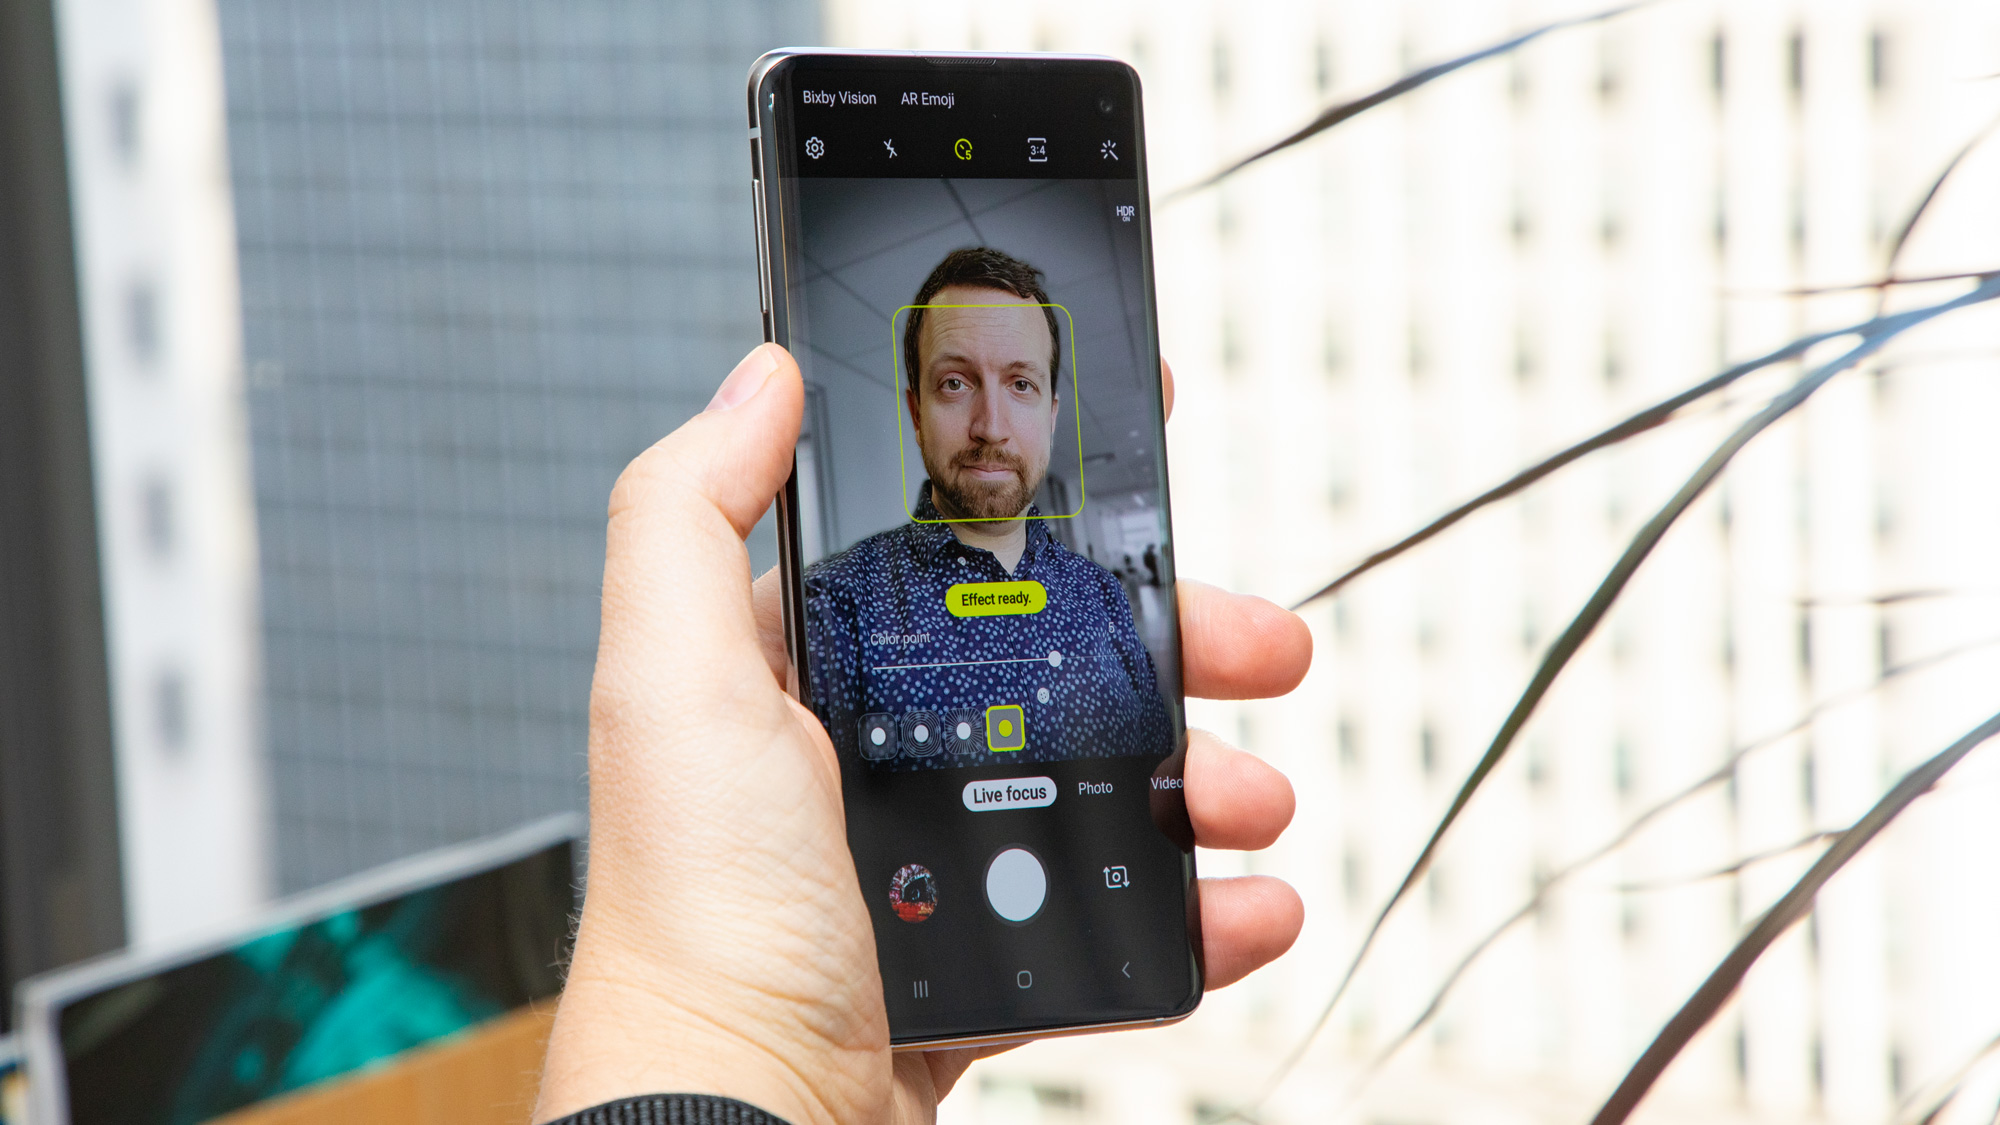 Samsung Galaxy S10 front-facing photo